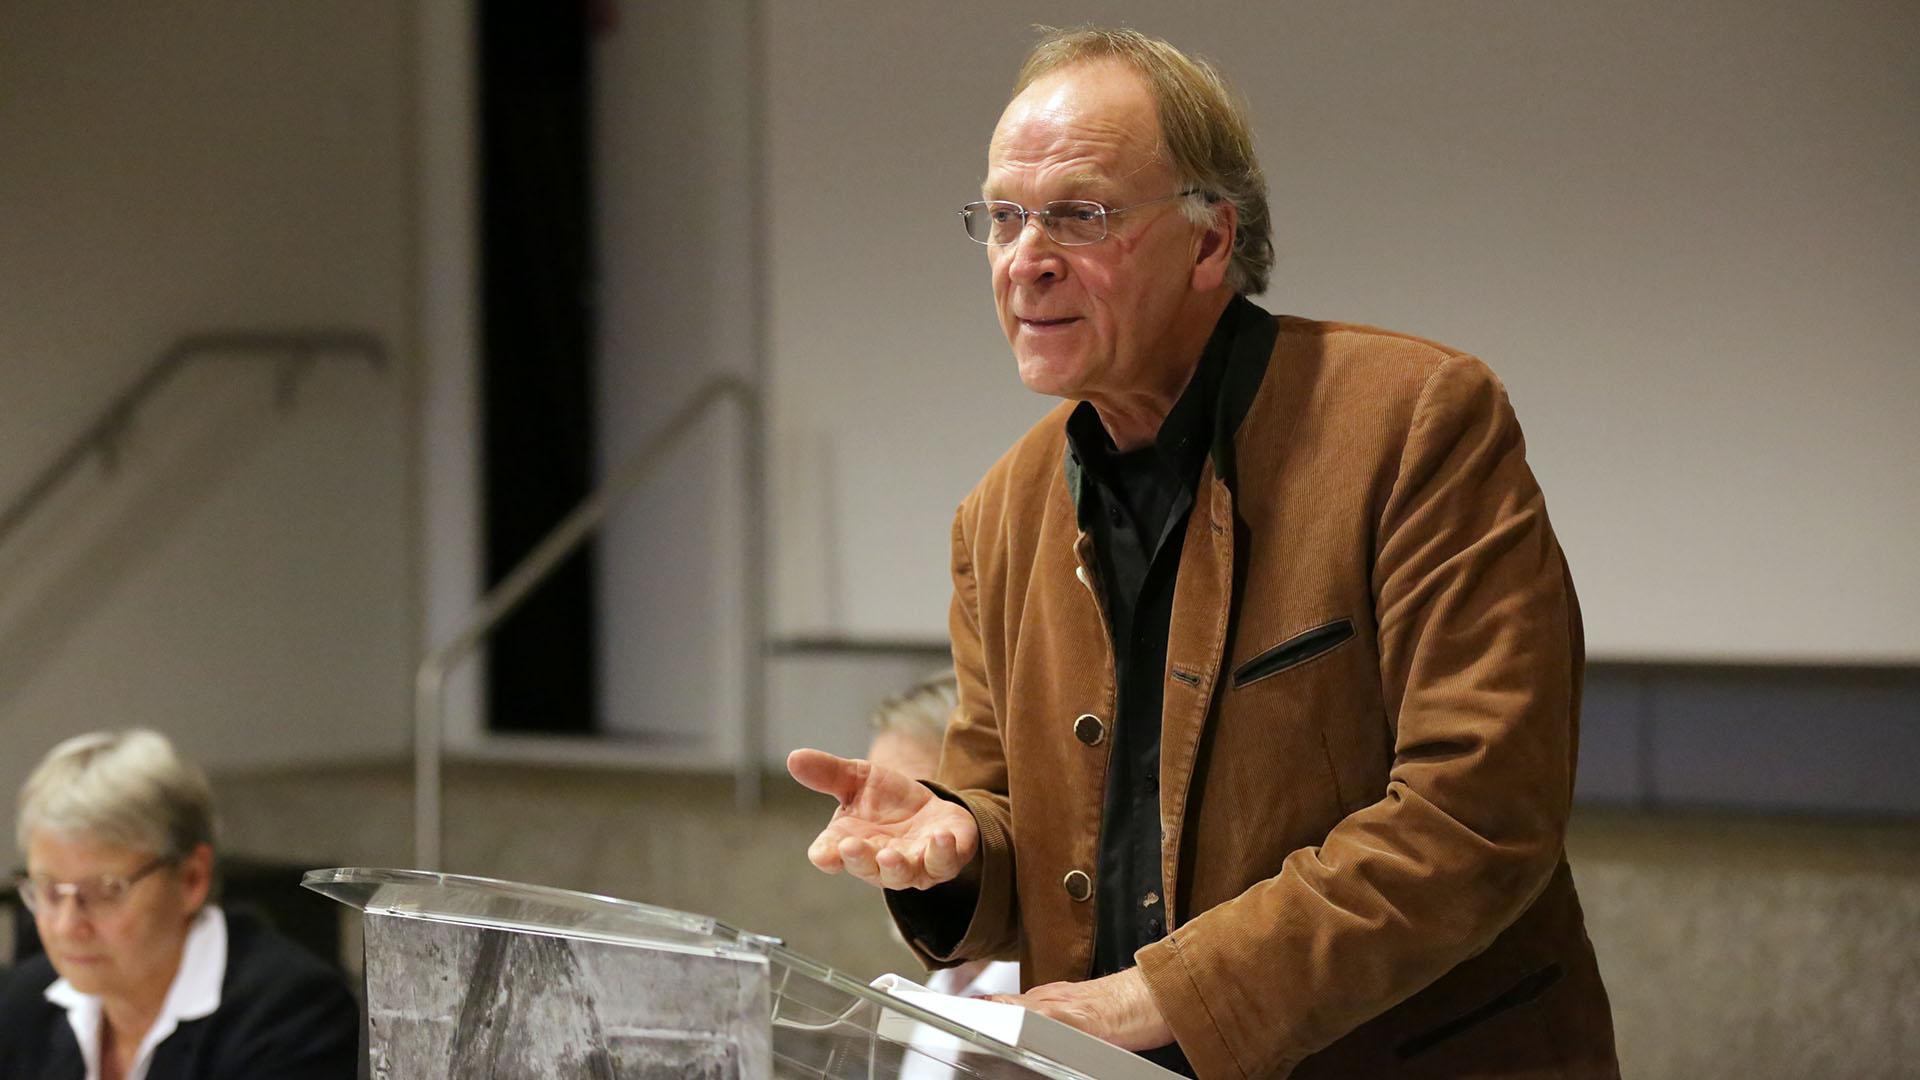 Le pasteur Virgile Rochat a salué l'engagement oecuménique de Maurice Zundel | Bernard Hallet